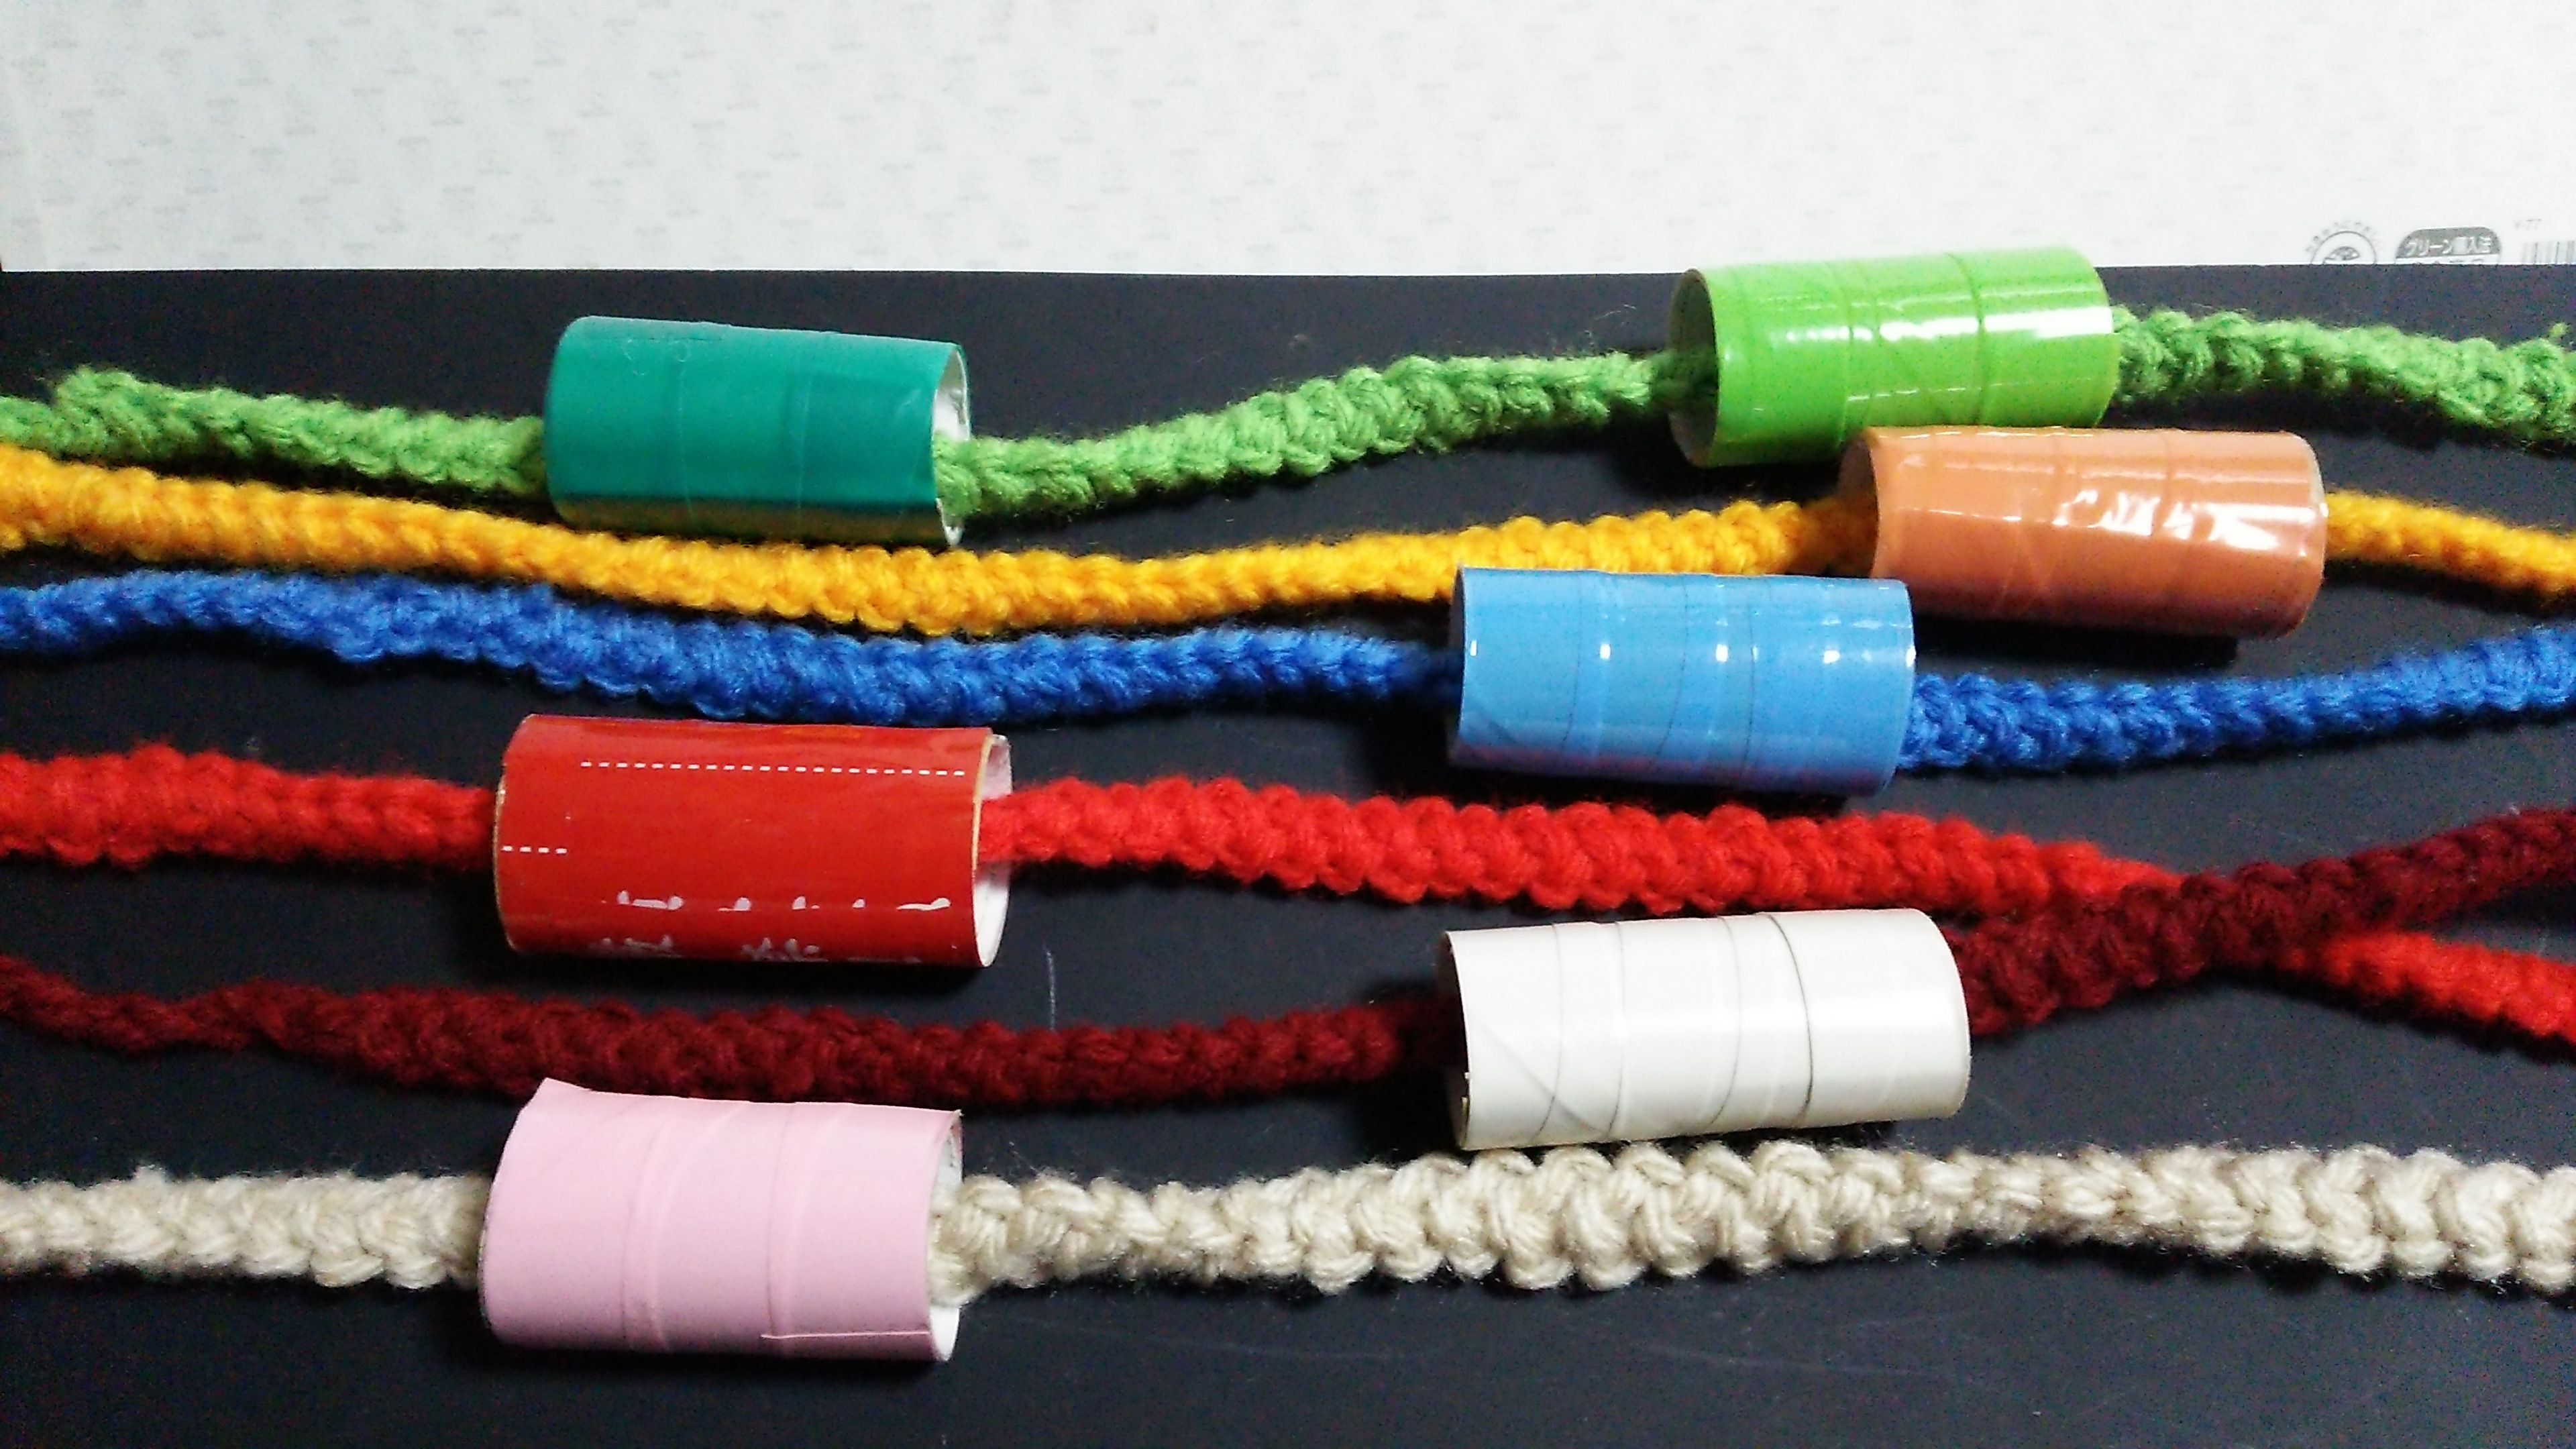 カラー紐(えび編み)と筒、紐通し状態